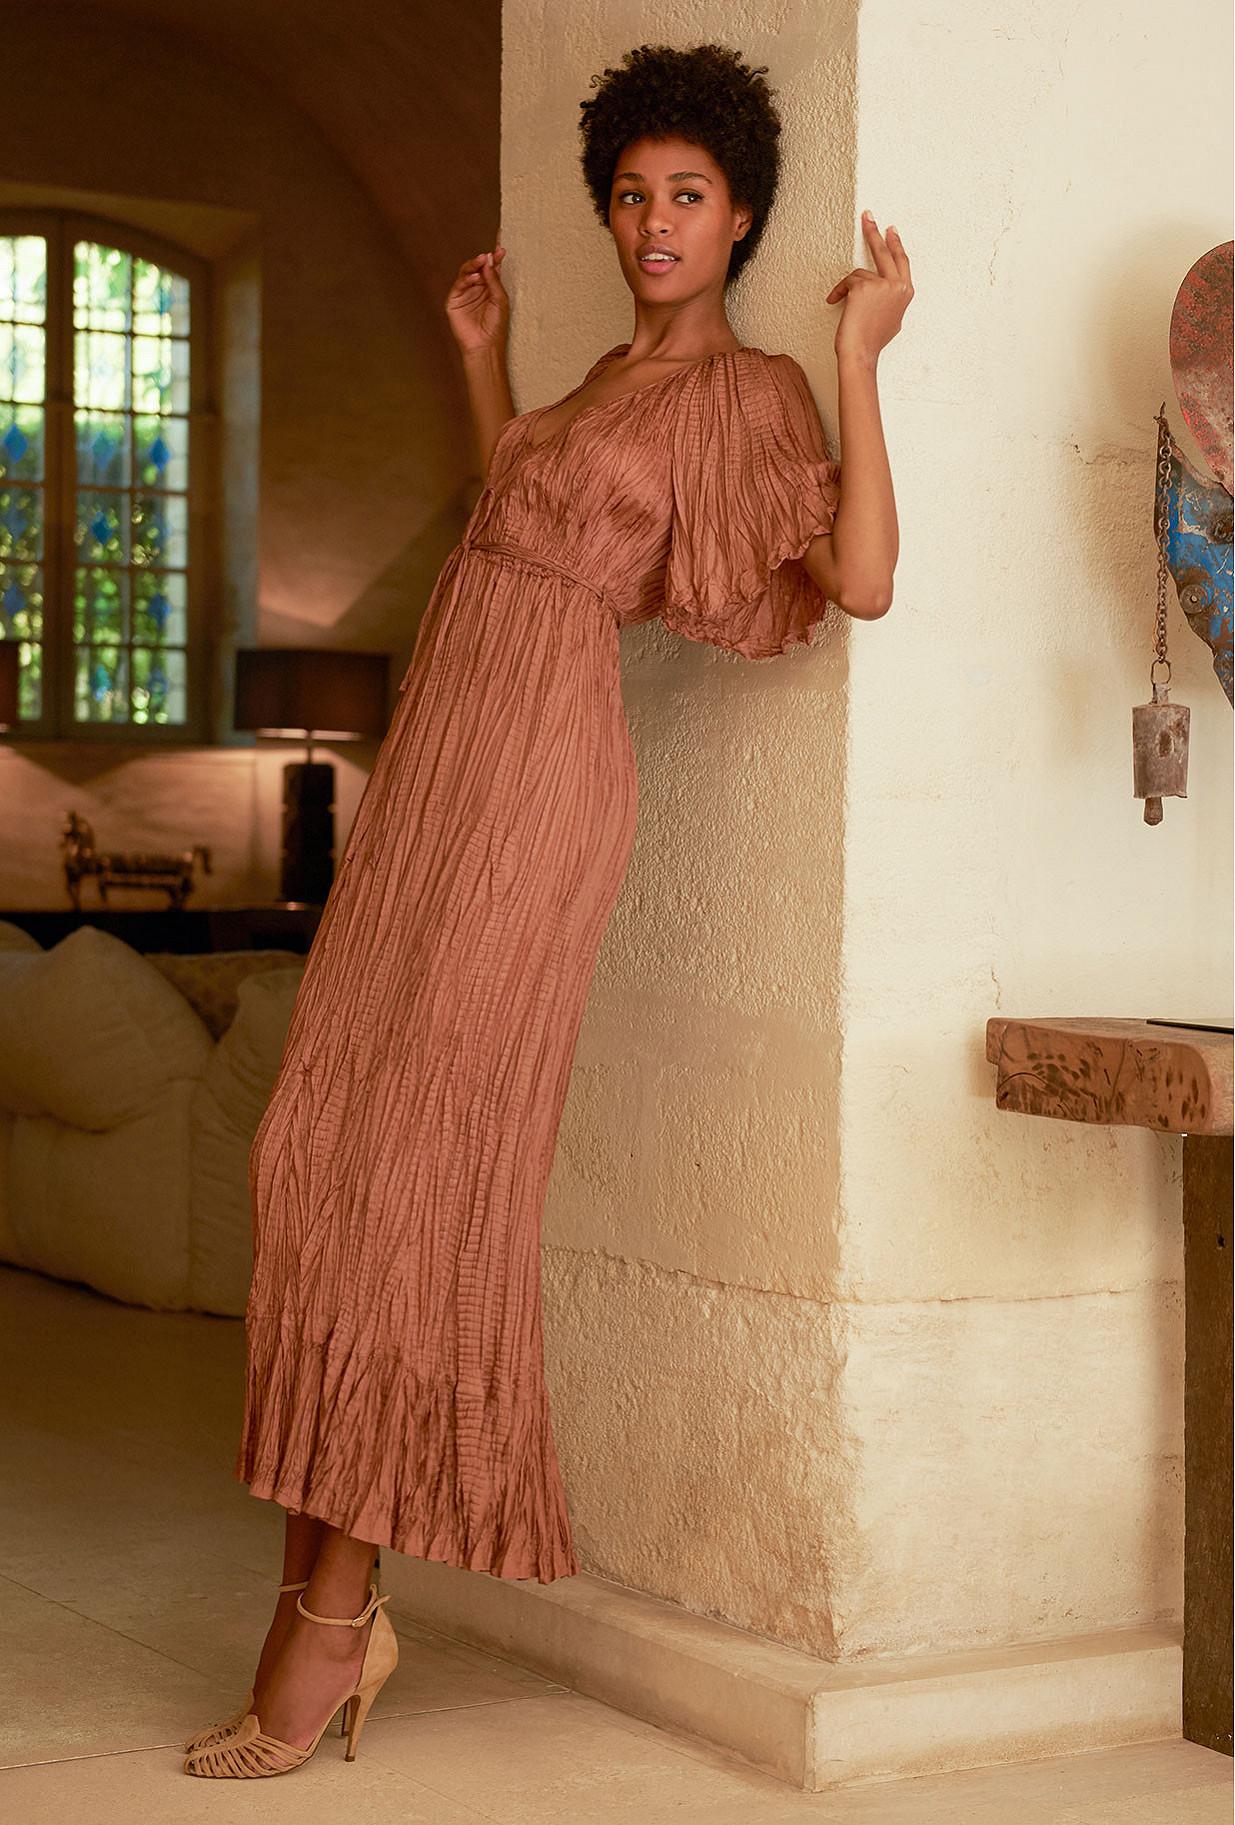 Nude  Dress  Twinkie Mes demoiselles fashion clothes designer Paris